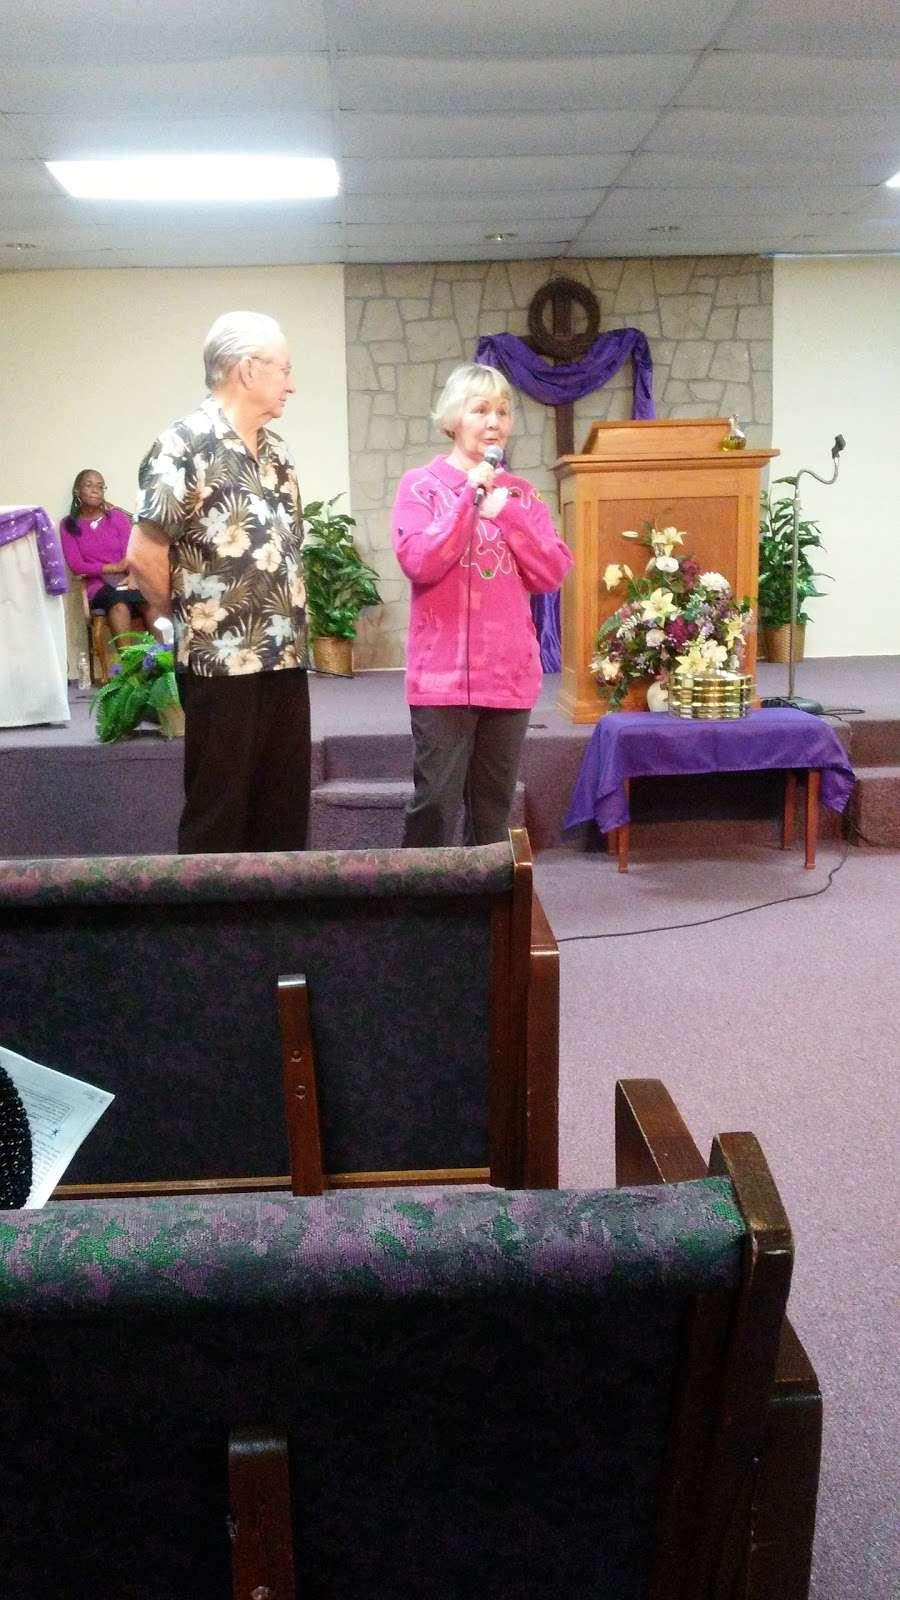 New Hope Fellowship - church  | Photo 6 of 10 | Address: 307 Deen Blvd, Auburndale, FL 33823, USA | Phone: (863) 967-4686